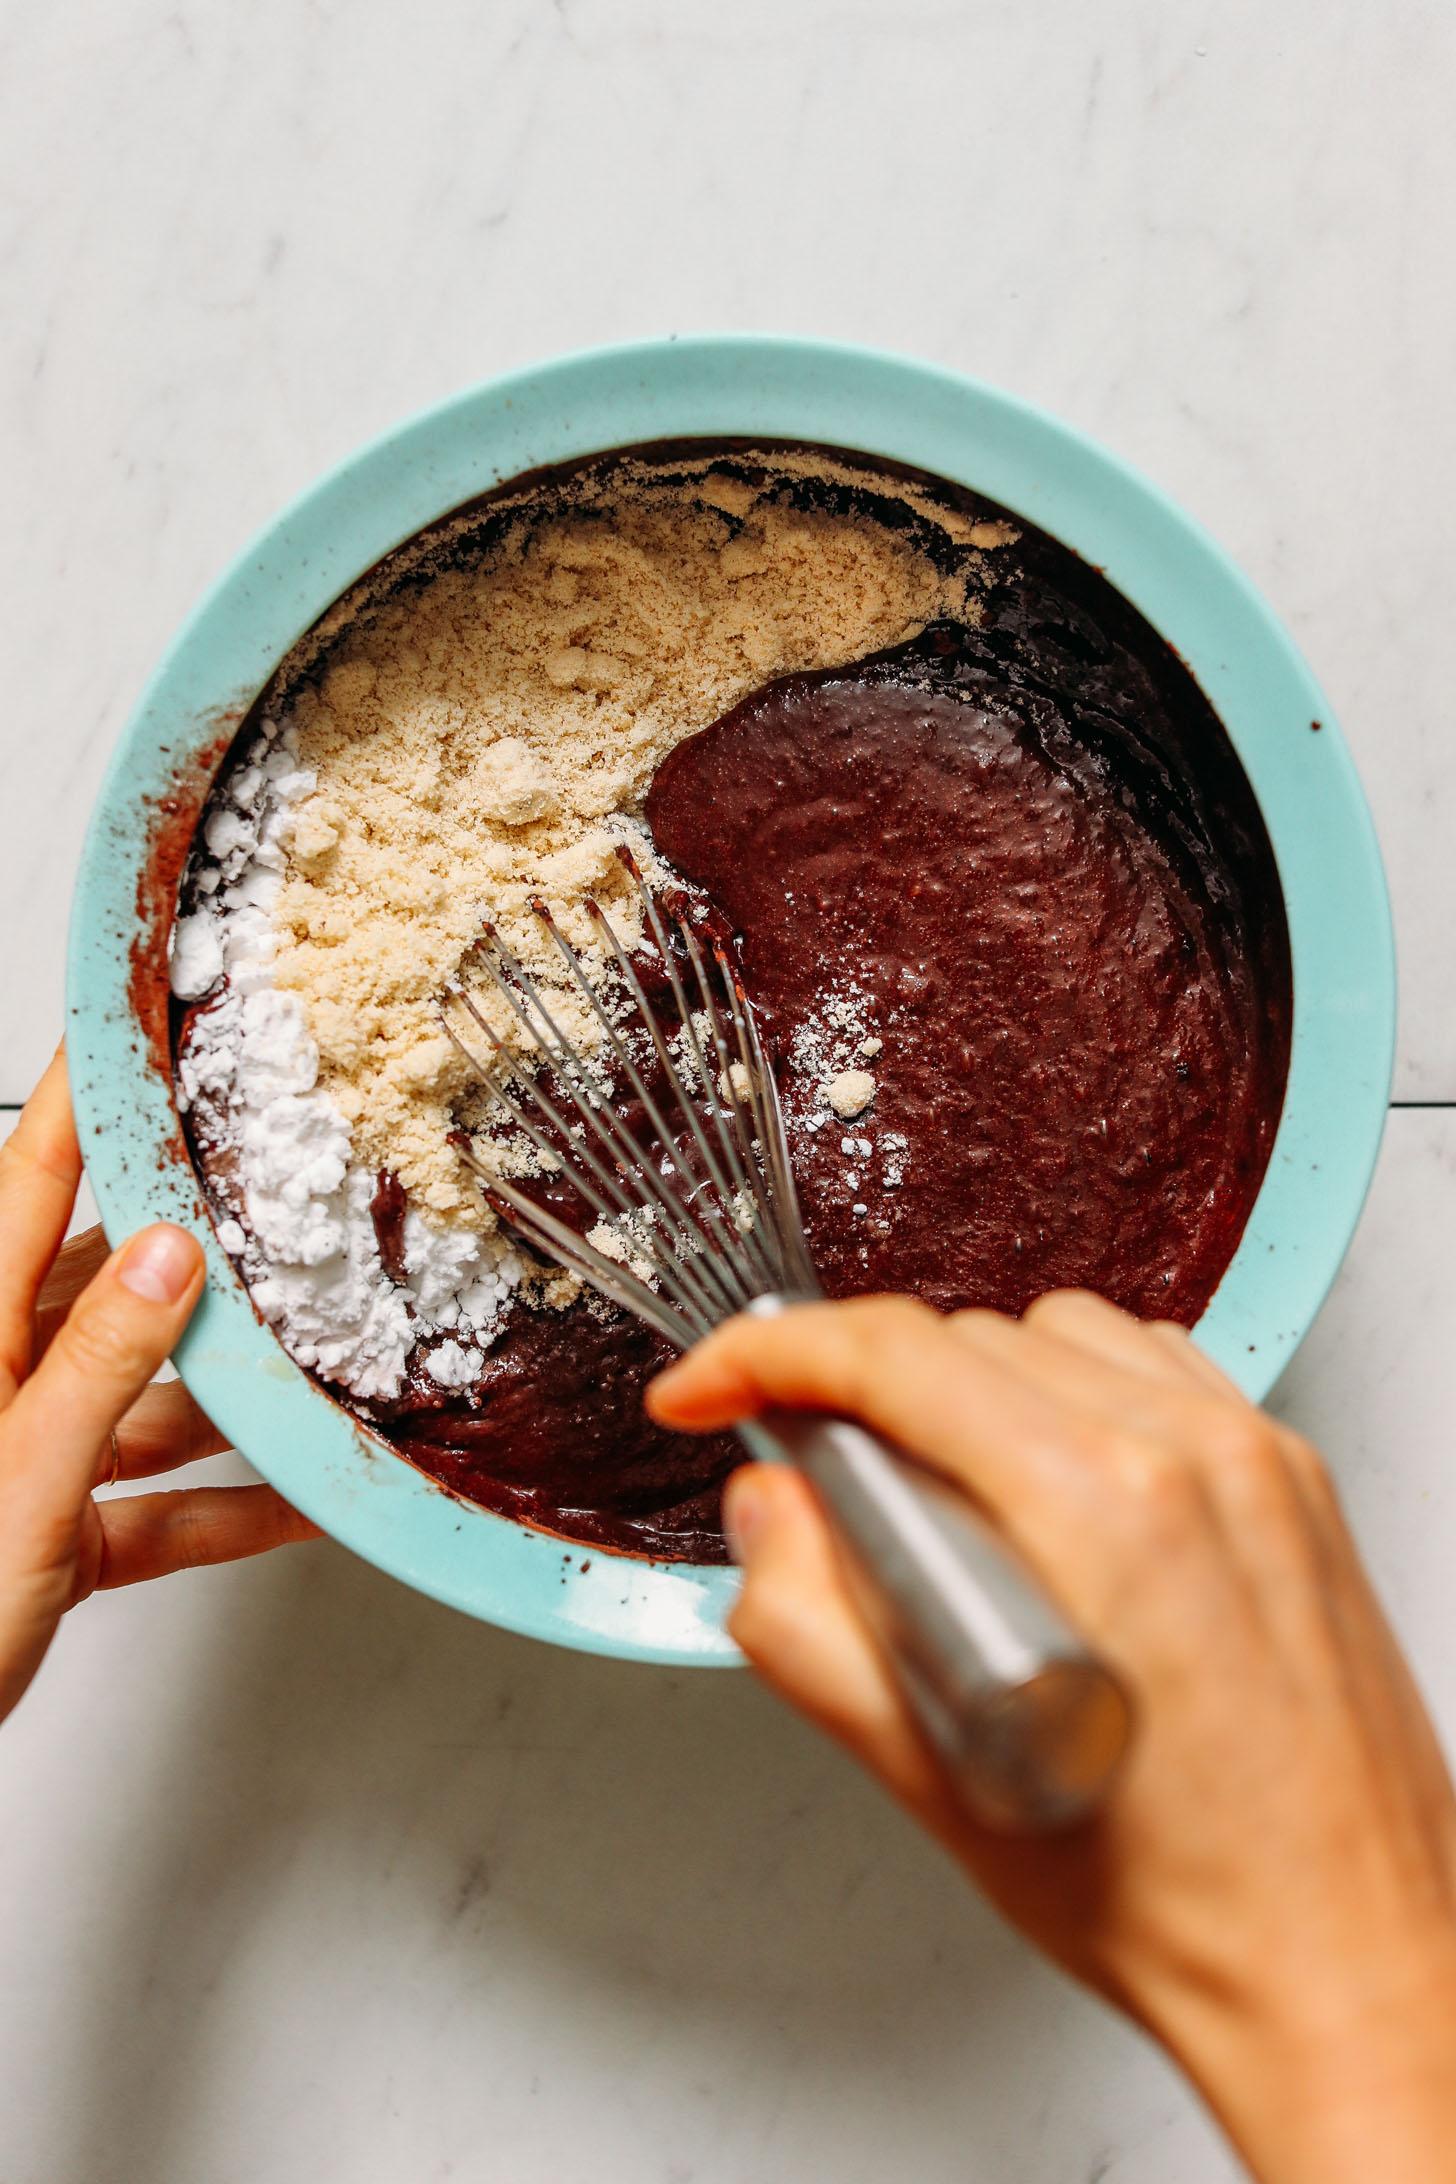 Batir ingredientes secos en ingredientes húmedos con un batidor